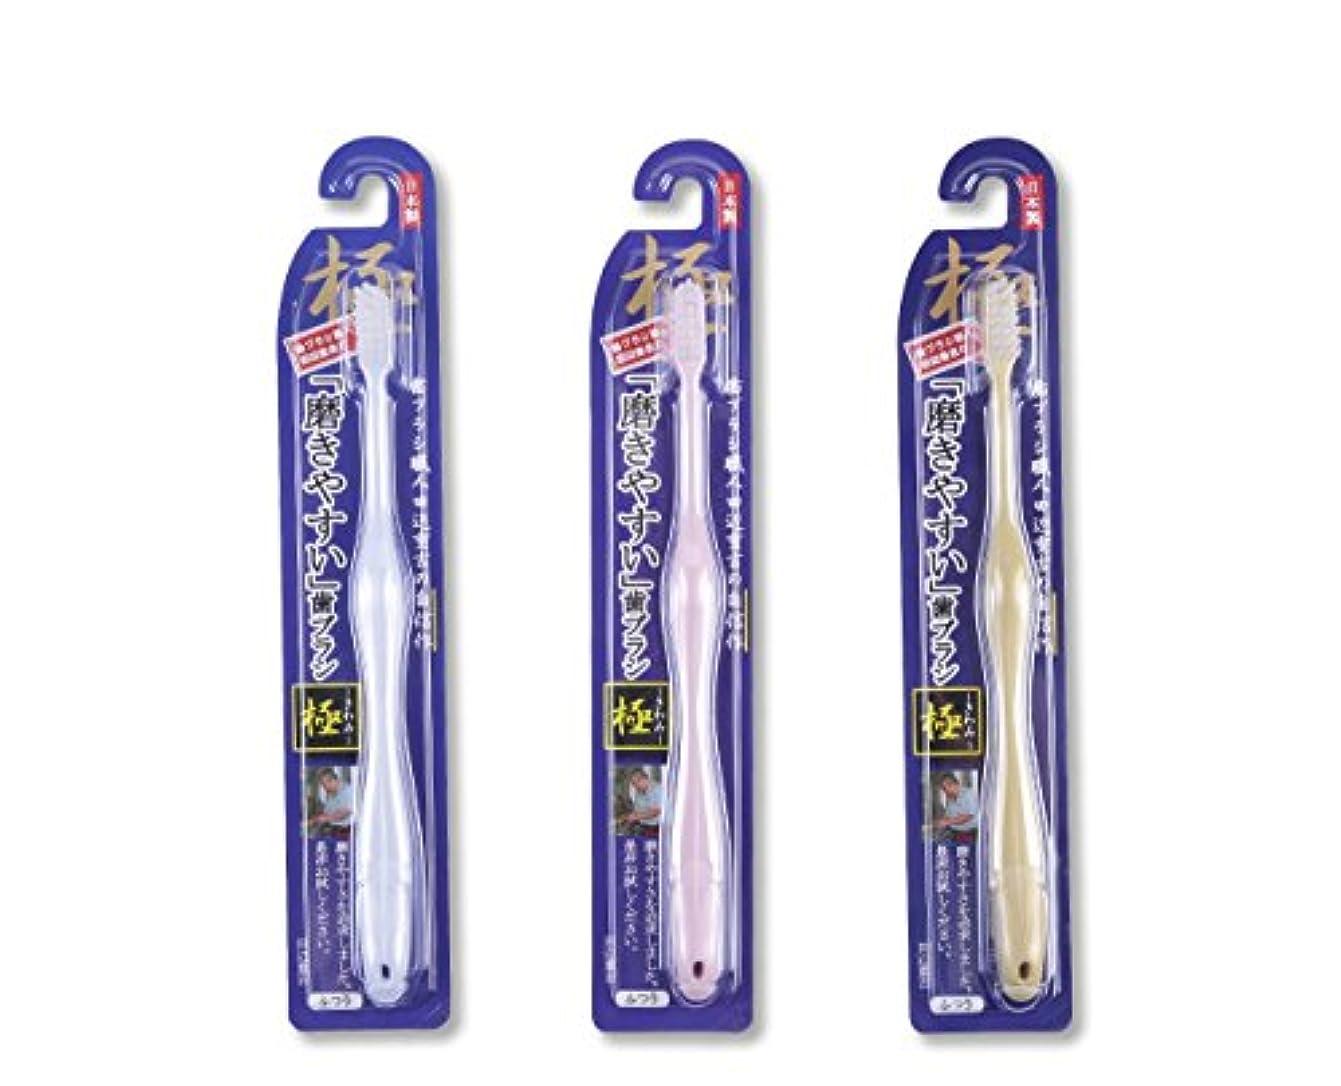 虫を数えるメンバー価値歯ブラシ職人Artooth ® 田辺重吉の磨きやすい歯ブラシ 極 LT-09 (3本入)